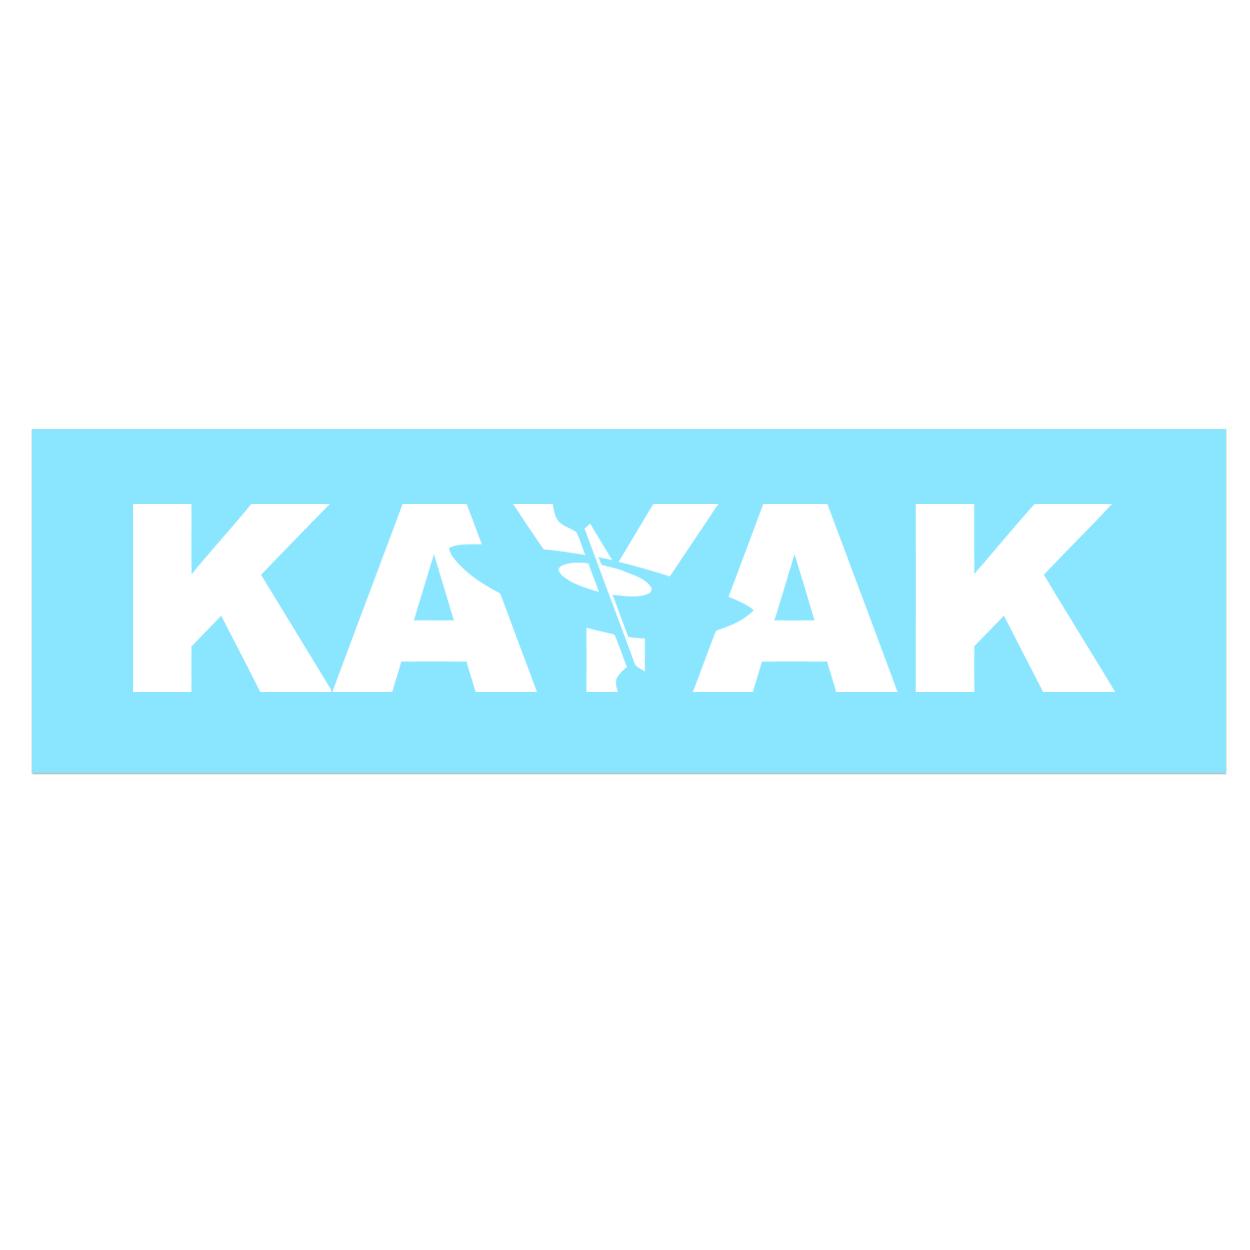 Kayak Hull Logo Classic Decal (White Logo)